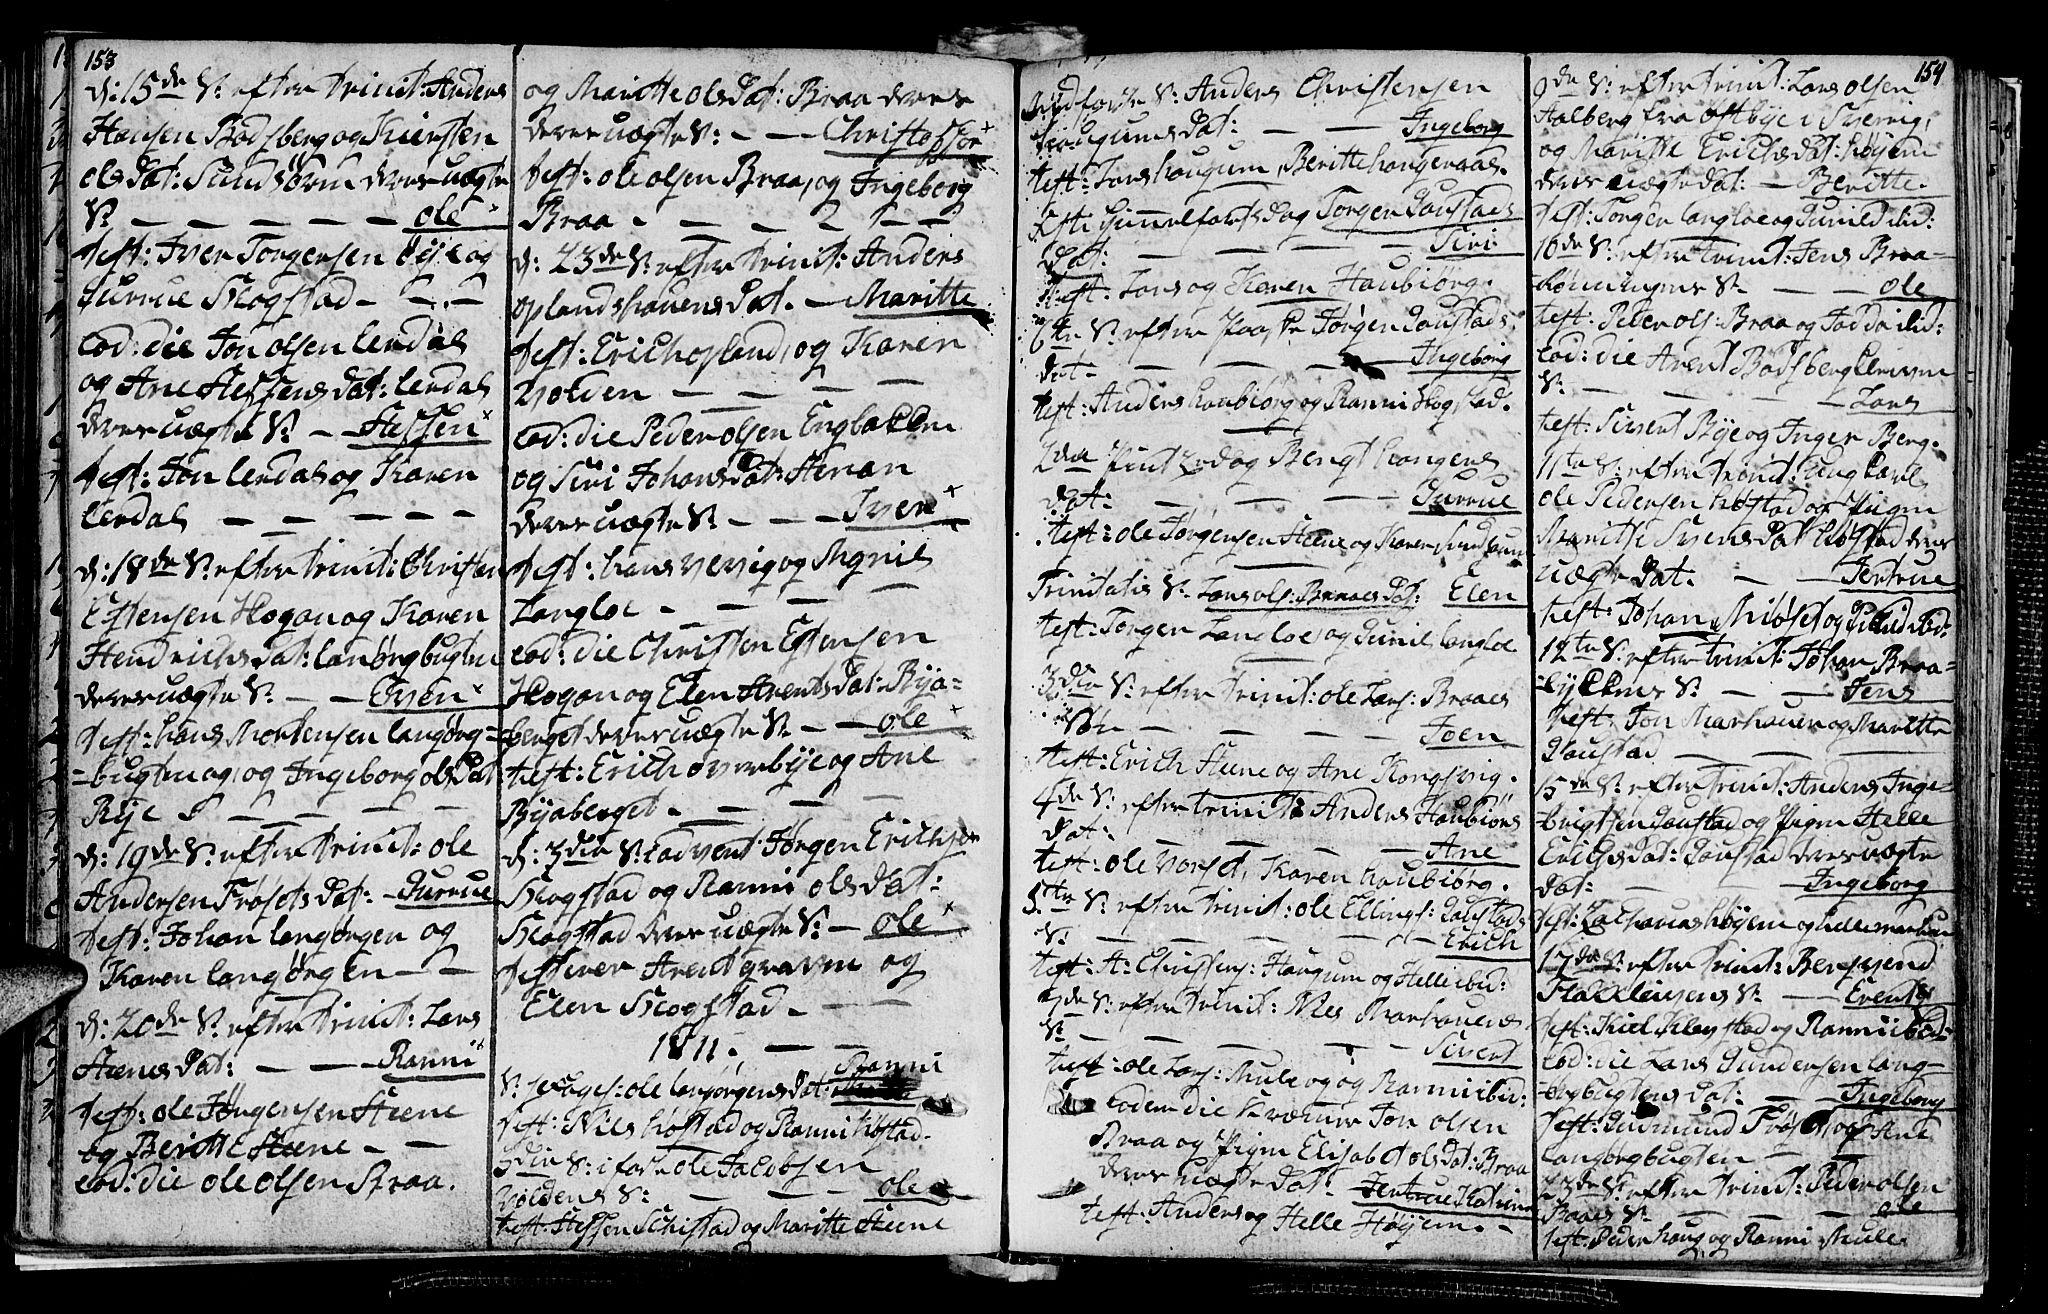 SAT, Ministerialprotokoller, klokkerbøker og fødselsregistre - Sør-Trøndelag, 612/L0371: Ministerialbok nr. 612A05, 1803-1816, s. 153-154